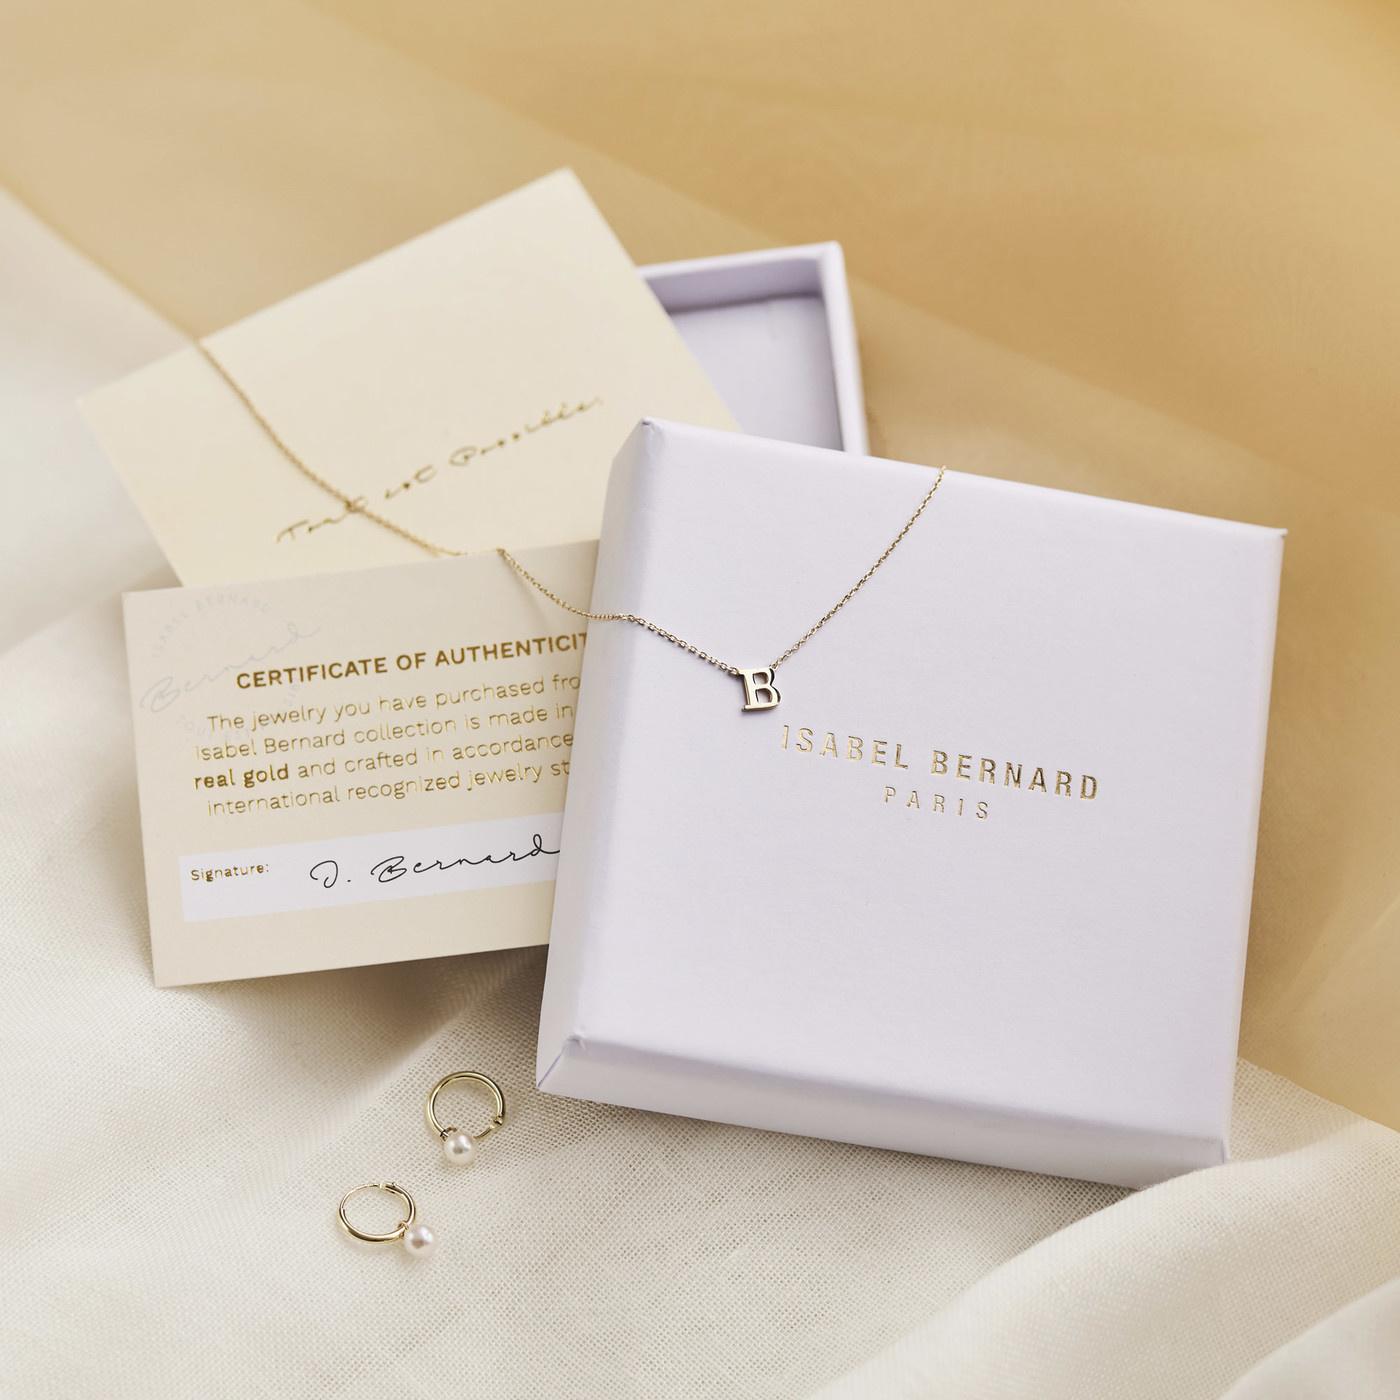 Isabel Bernard La Concorde Alizée 14 karat rose gold necklace with heart